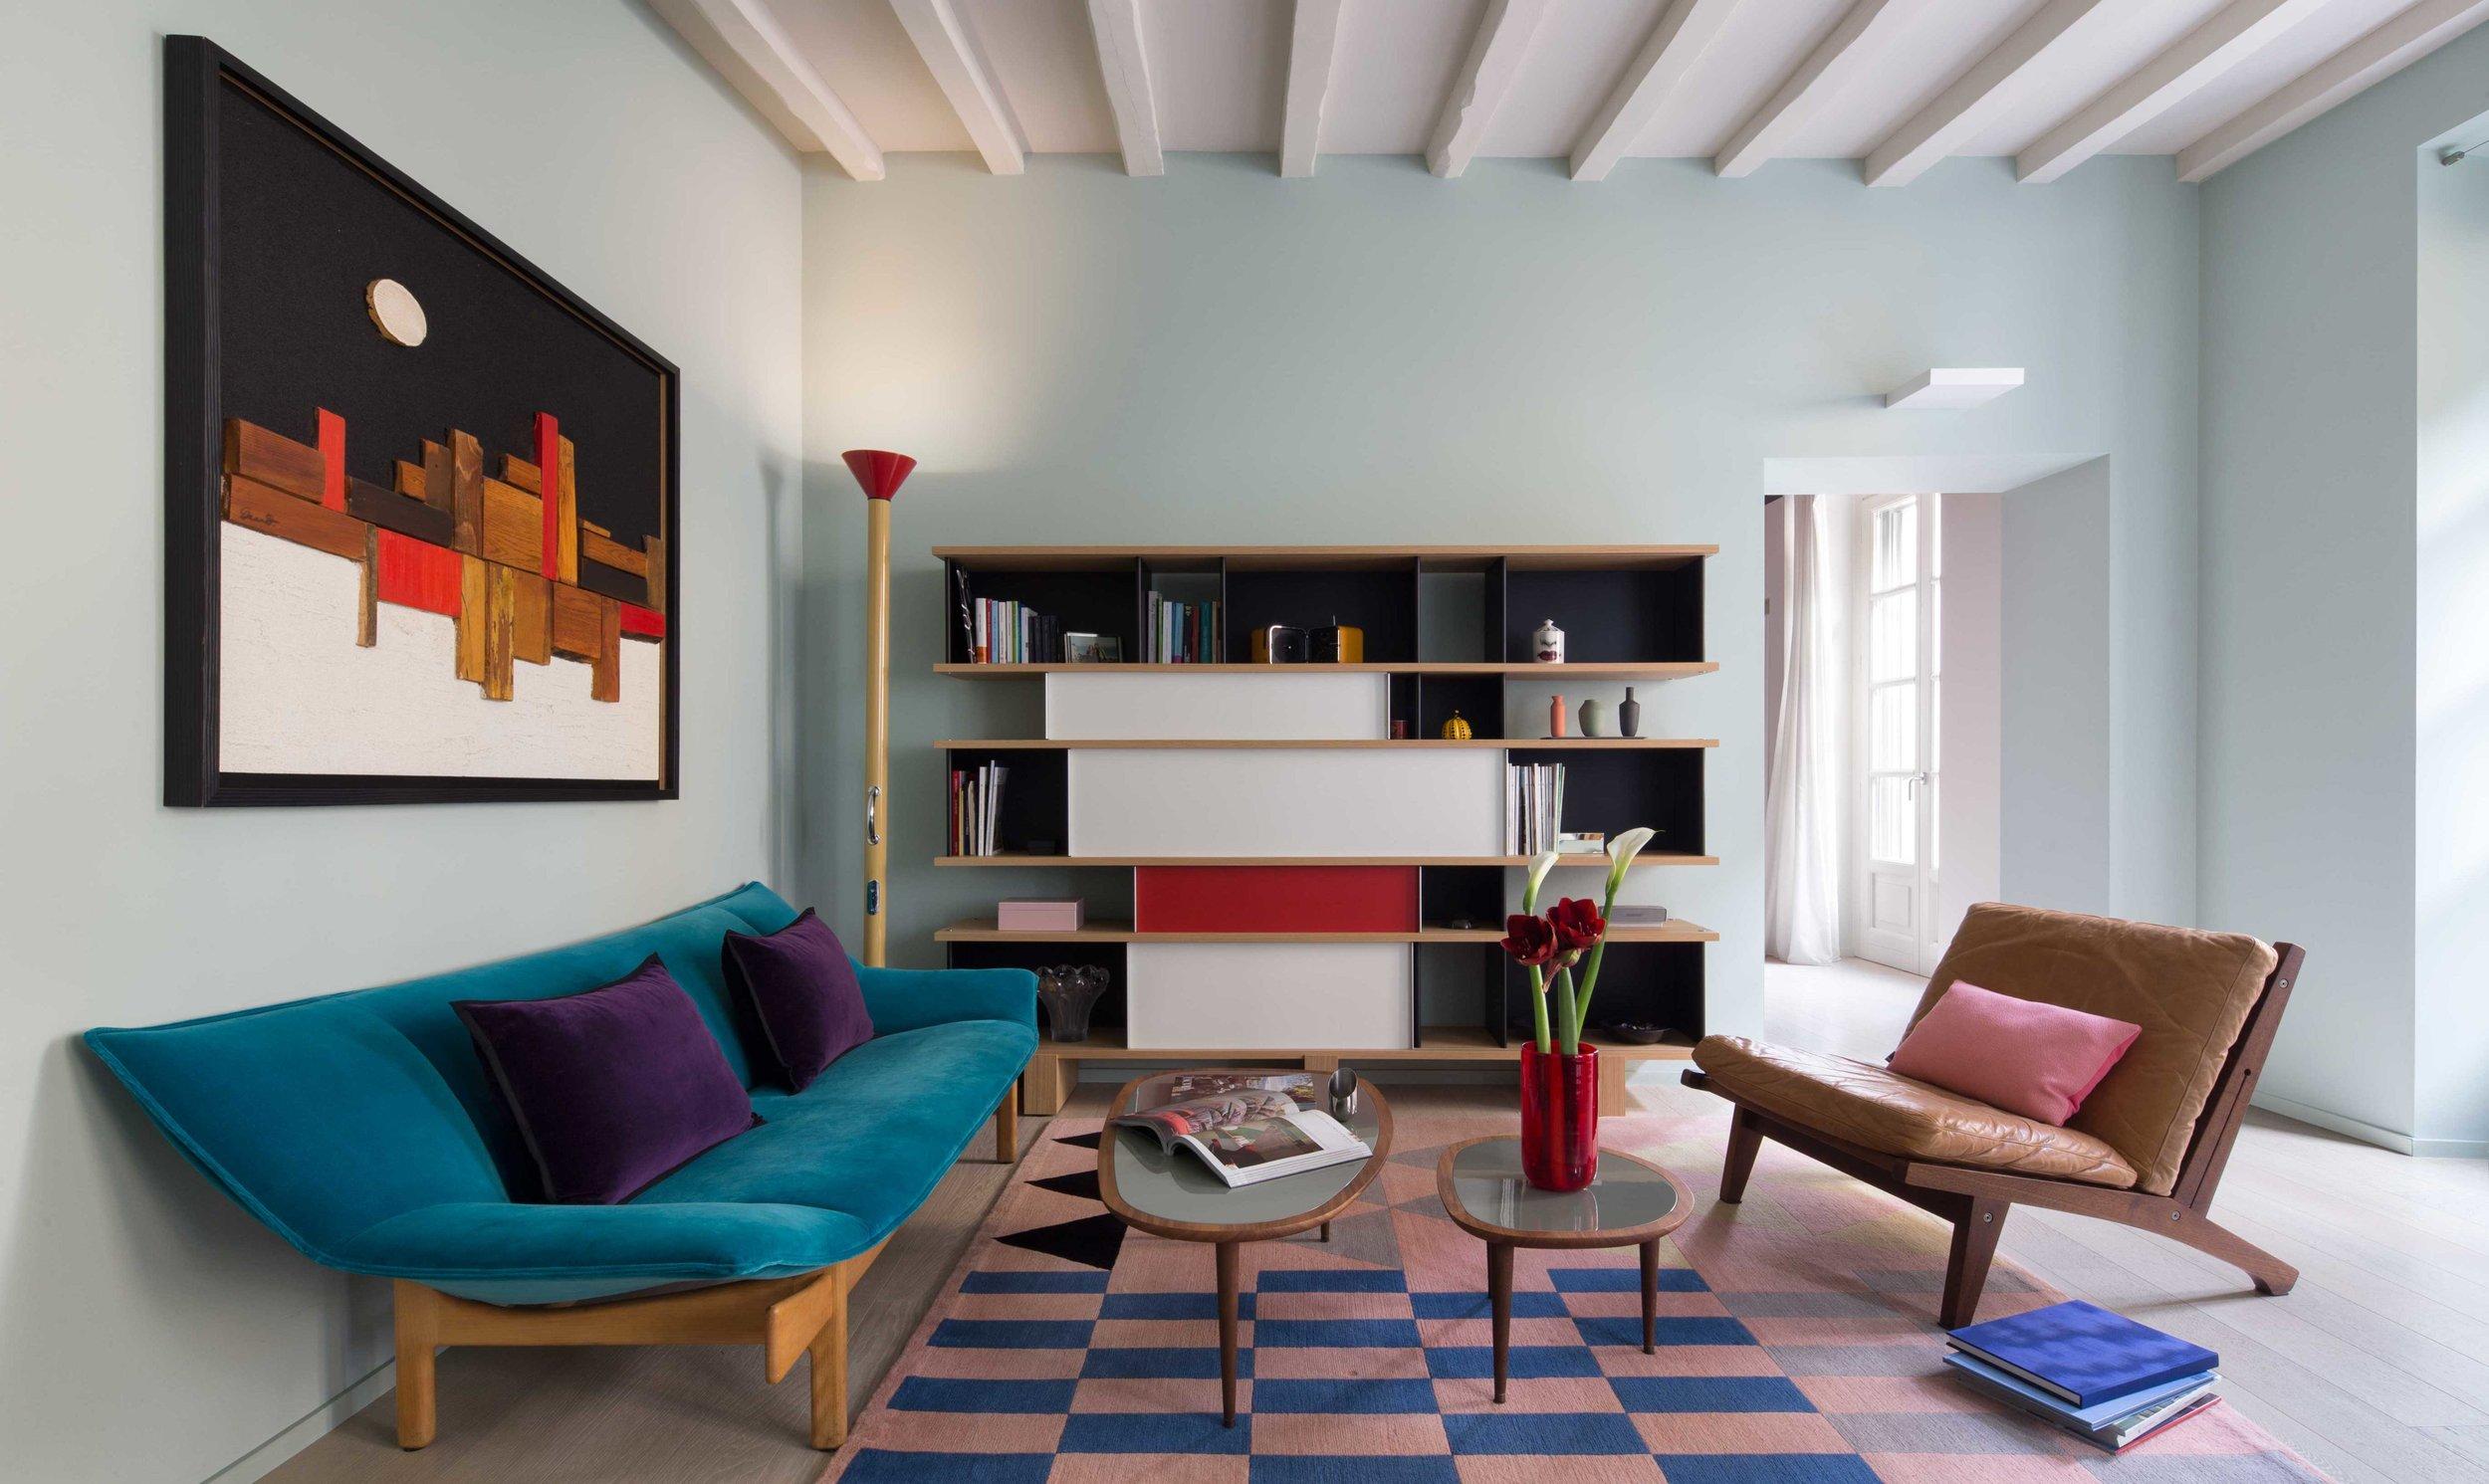 Casa in via Ciovasso